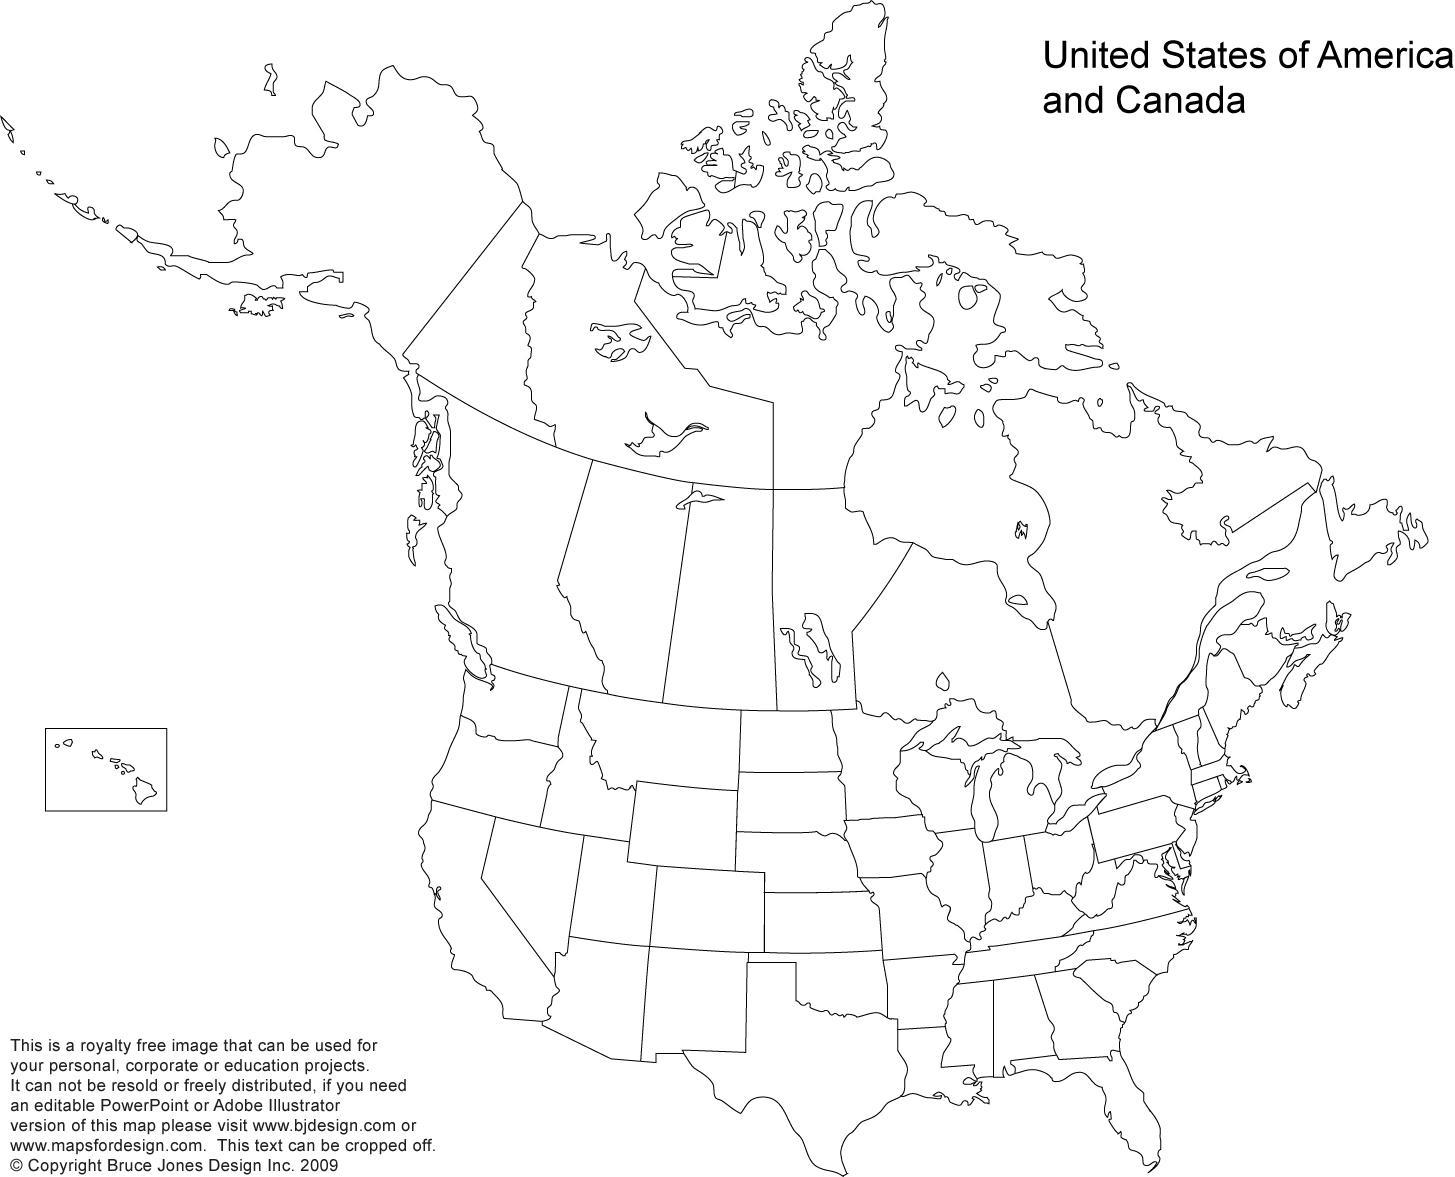 Kort Over Amerikanske Stater Og Canada Usa Og Canada Kort Det